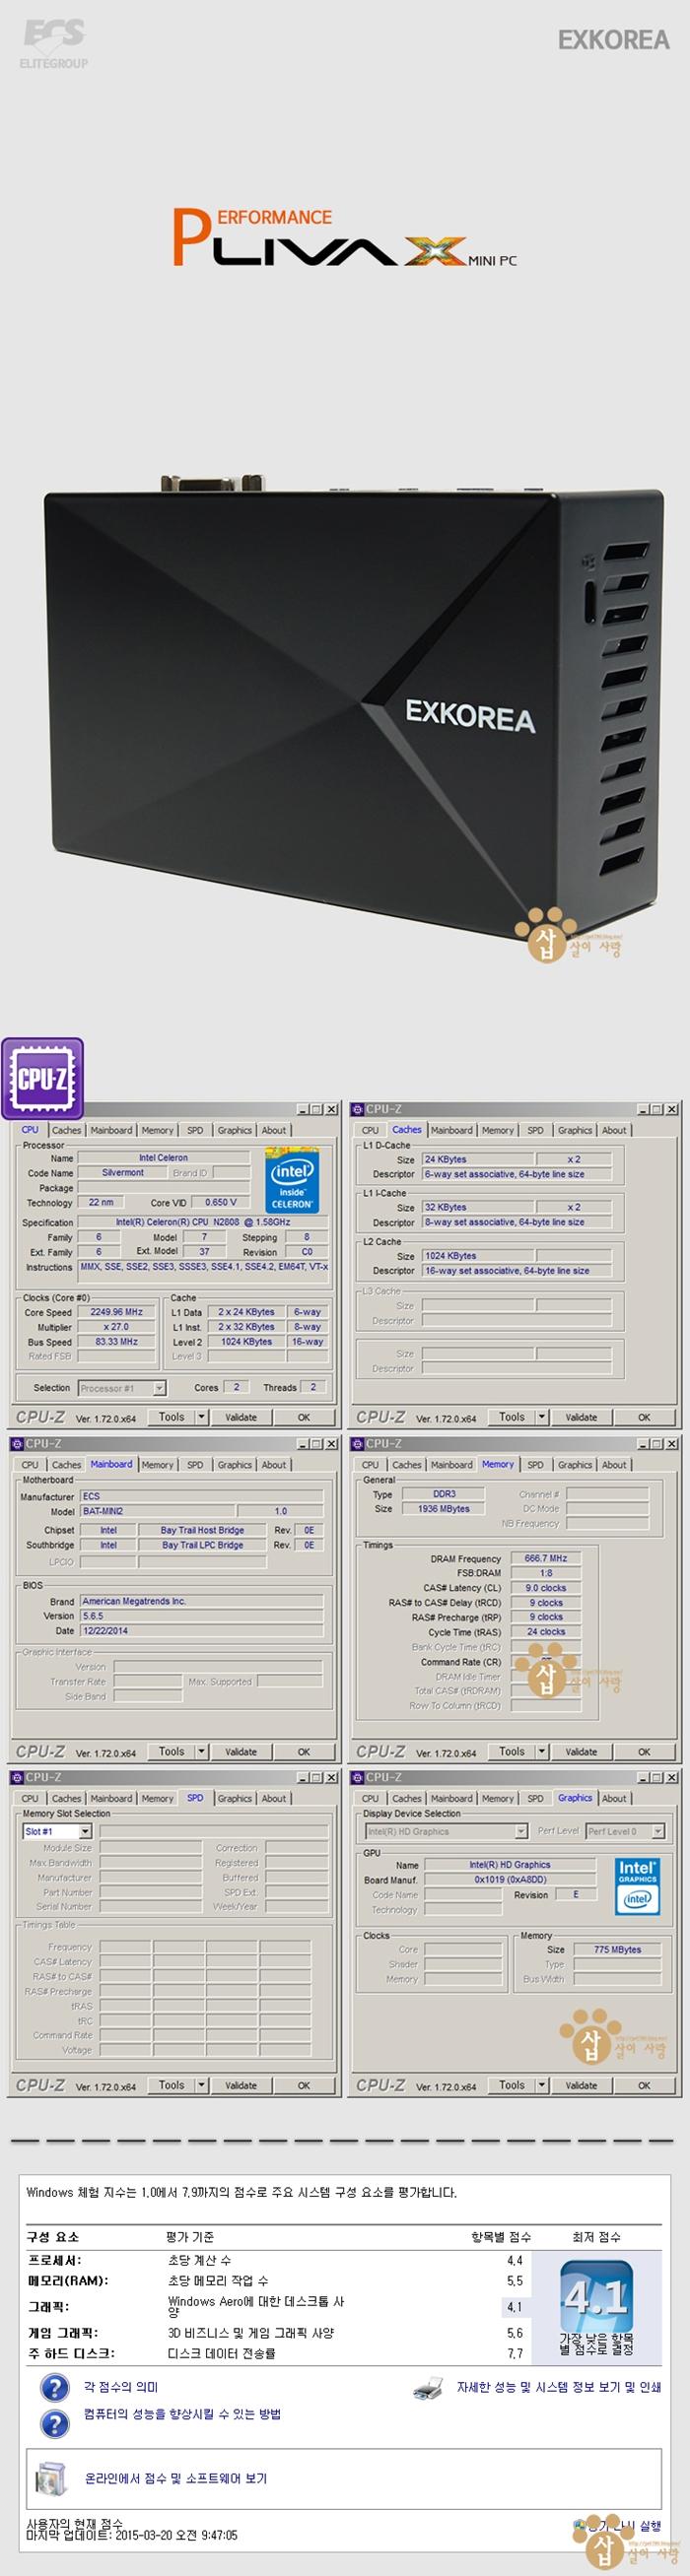 미니PC 추천 성능1 리바 X (LIVA X).jpg